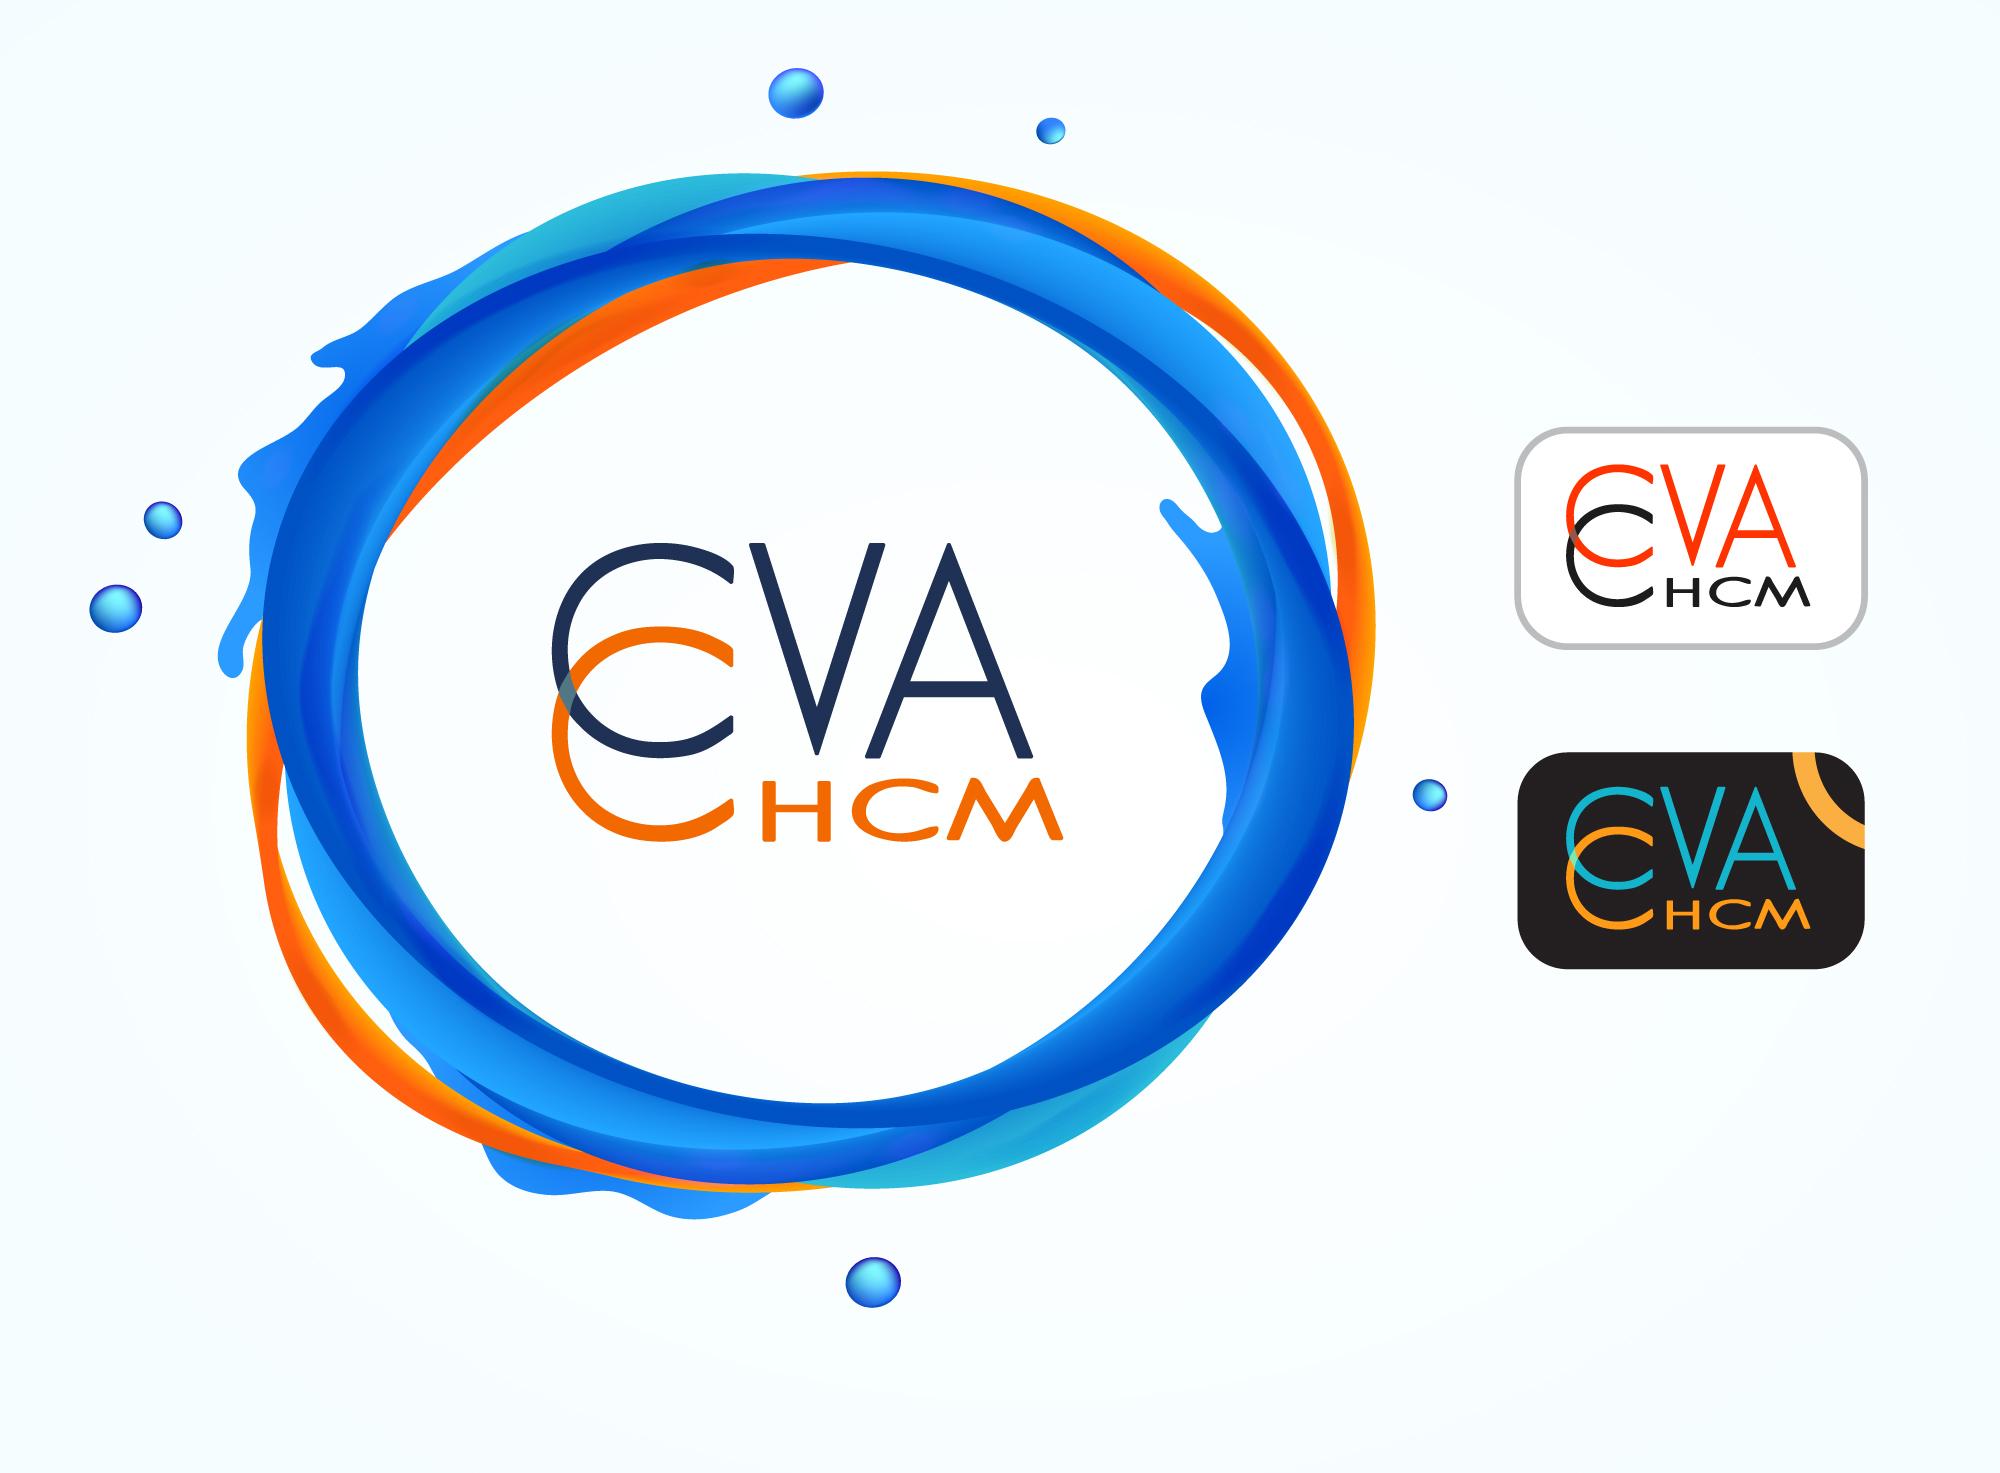 Разработка логотипа и фирменного стиля компании фото f_200572a4c9bb120b.jpg